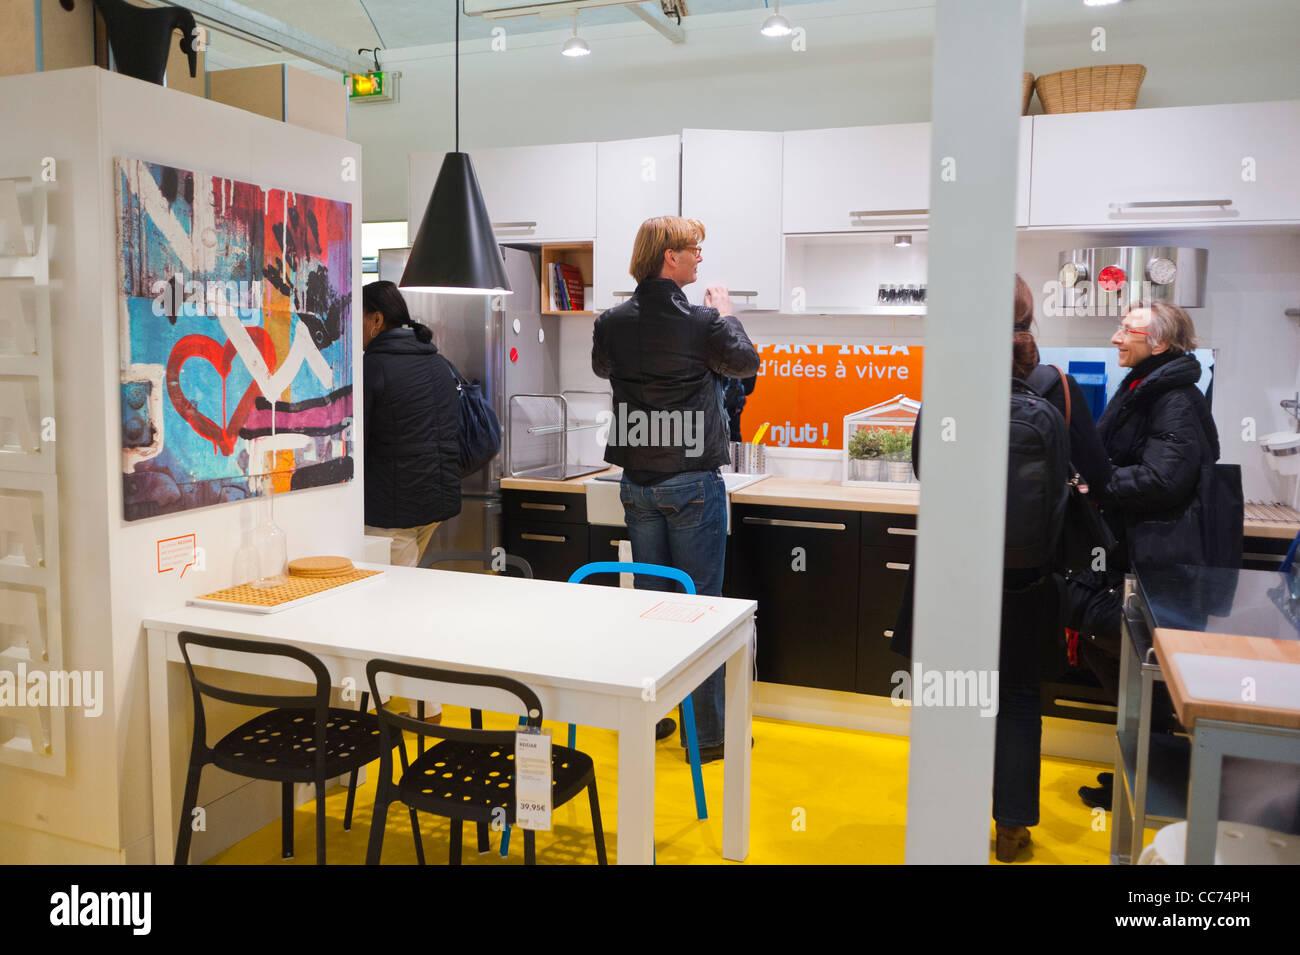 Paris Frankreich Ungewöhnliche Werbung Möbel Shopping Ikea Möbel